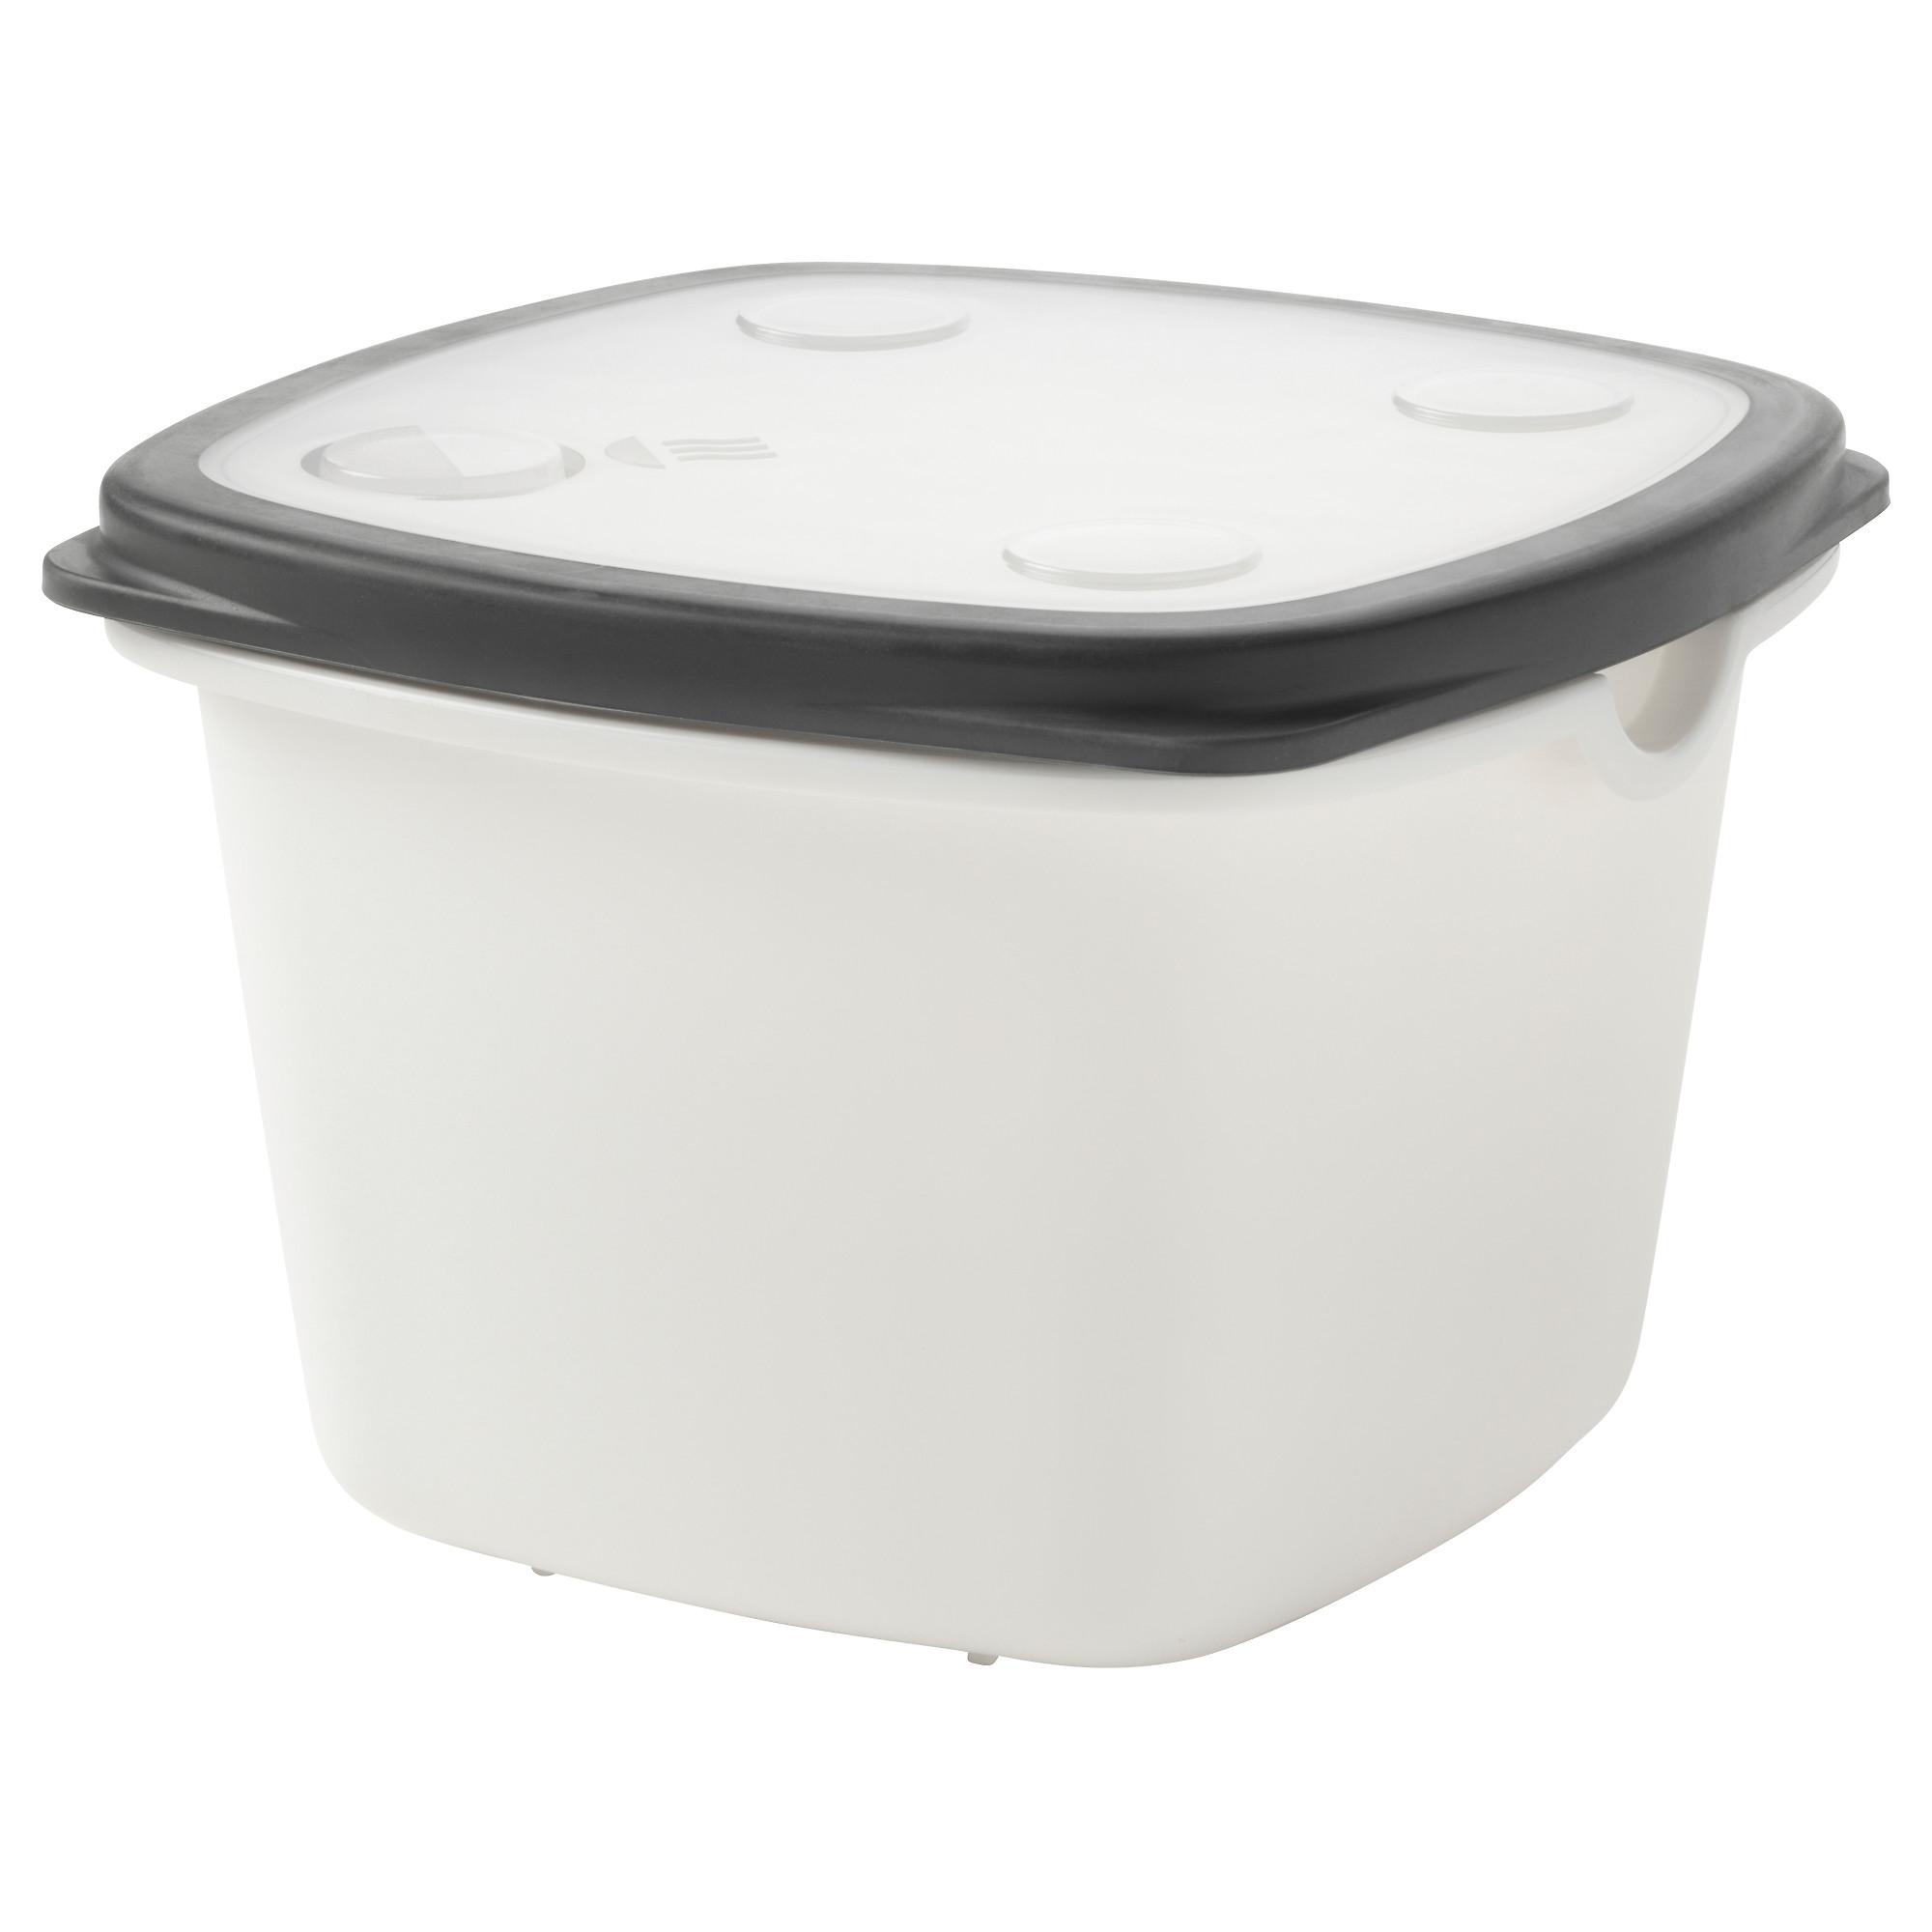 Контейнер ИКЕА/365+ белый артикуль № 403.363.88 в наличии. Онлайн каталог IKEA Республика Беларусь. Недорогая доставка и монтаж.